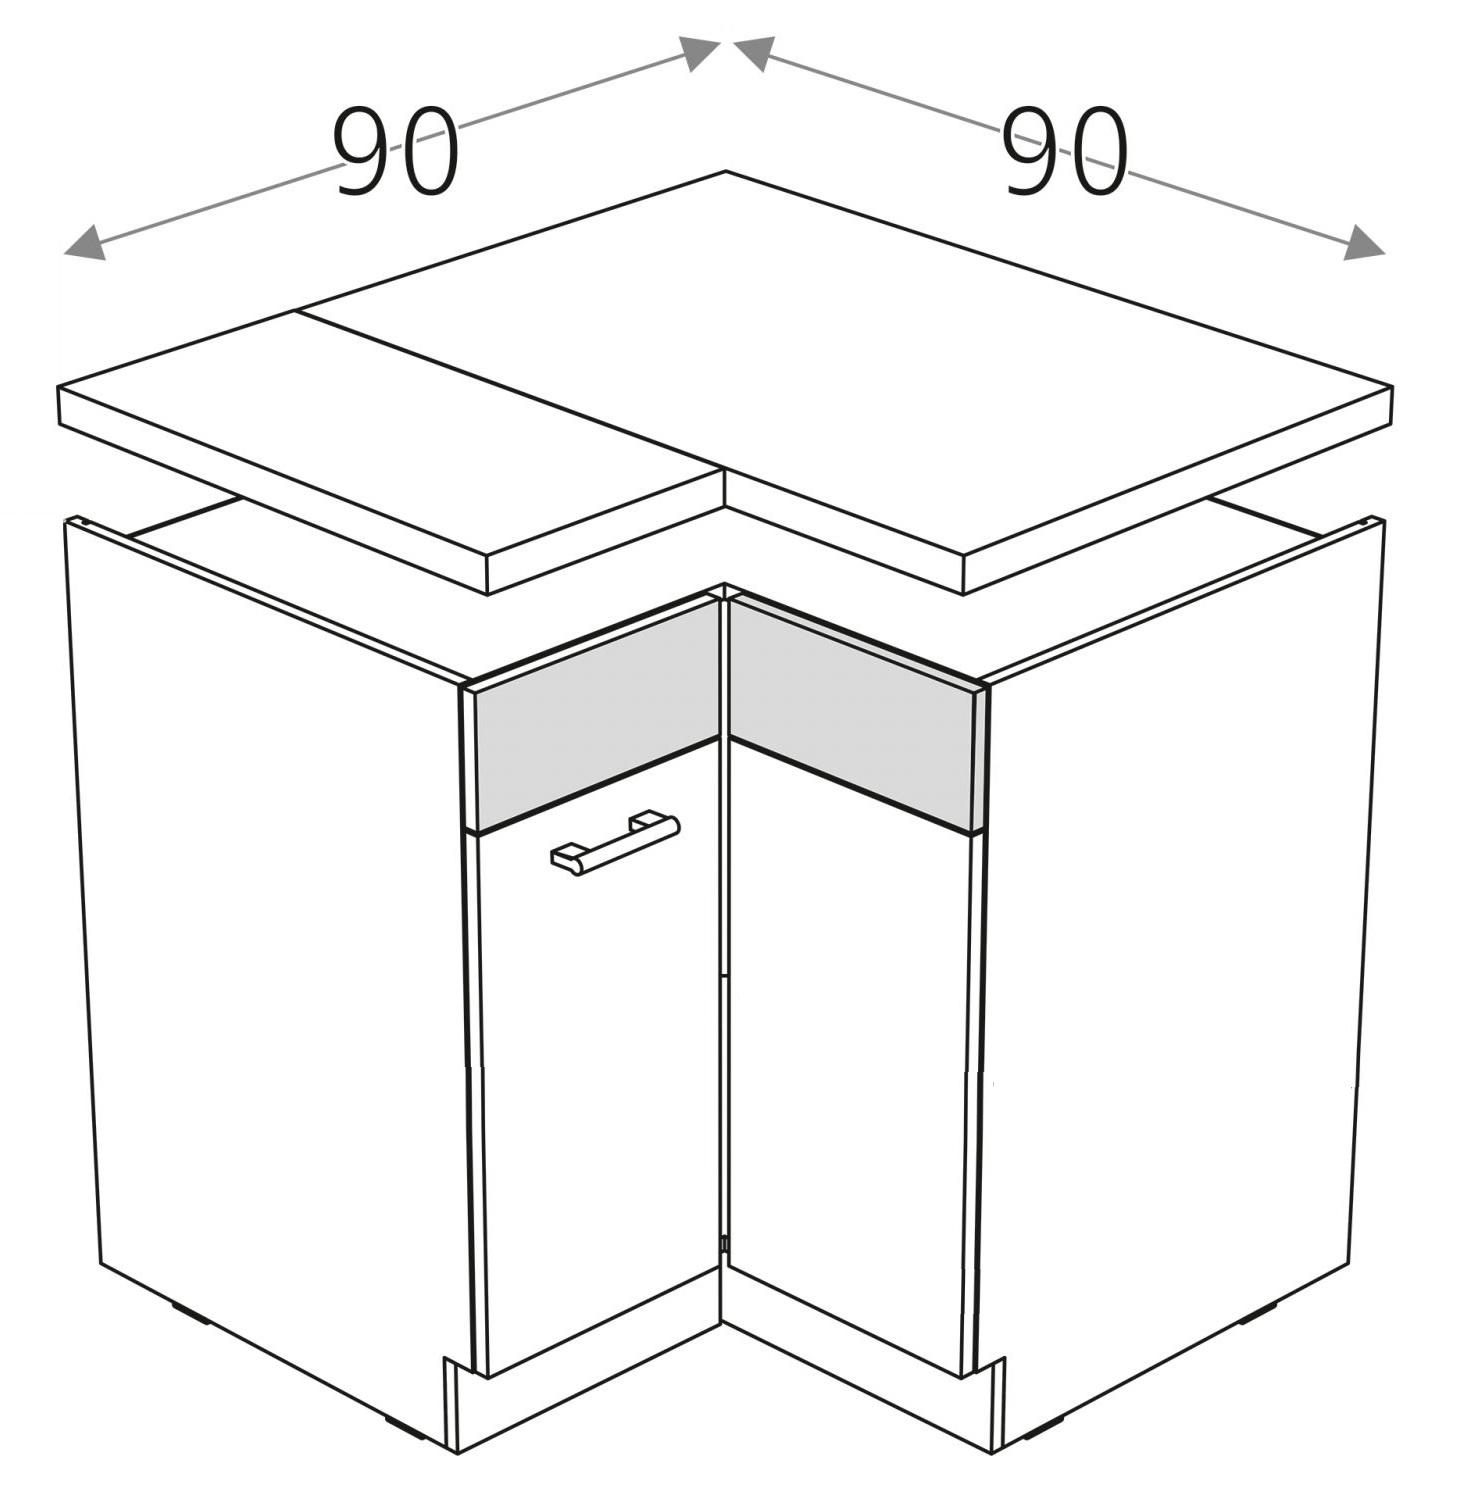 чертеж г-образной тумбы